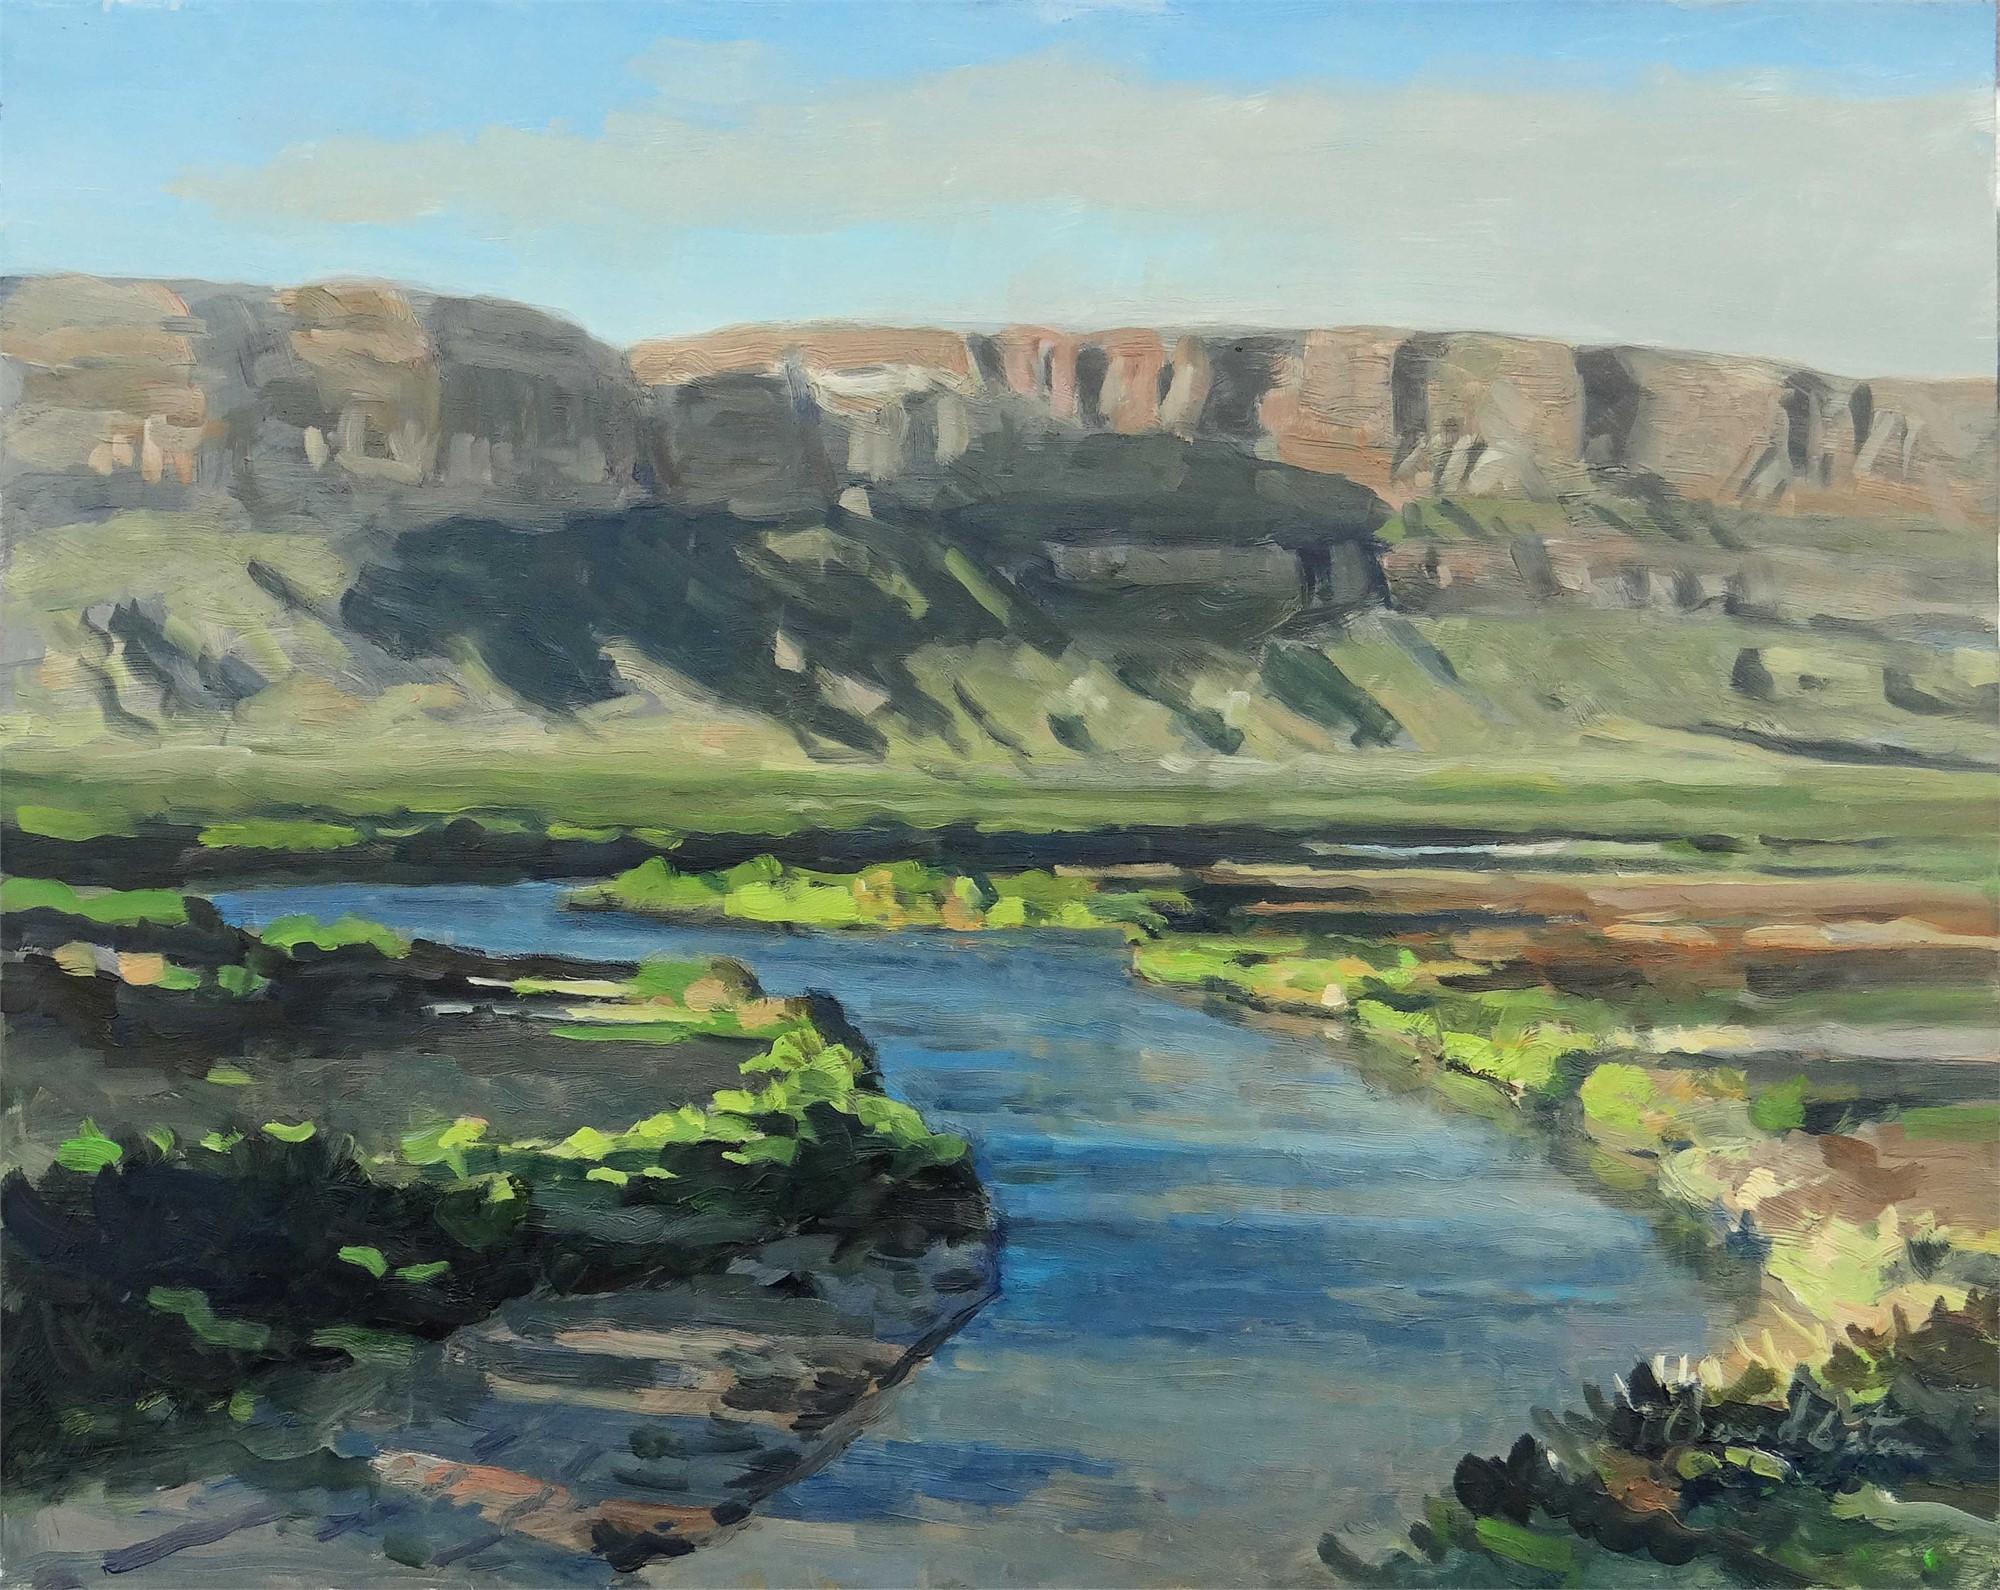 Rio Grande, Near Santa Elena Canyon #2 by David Caton